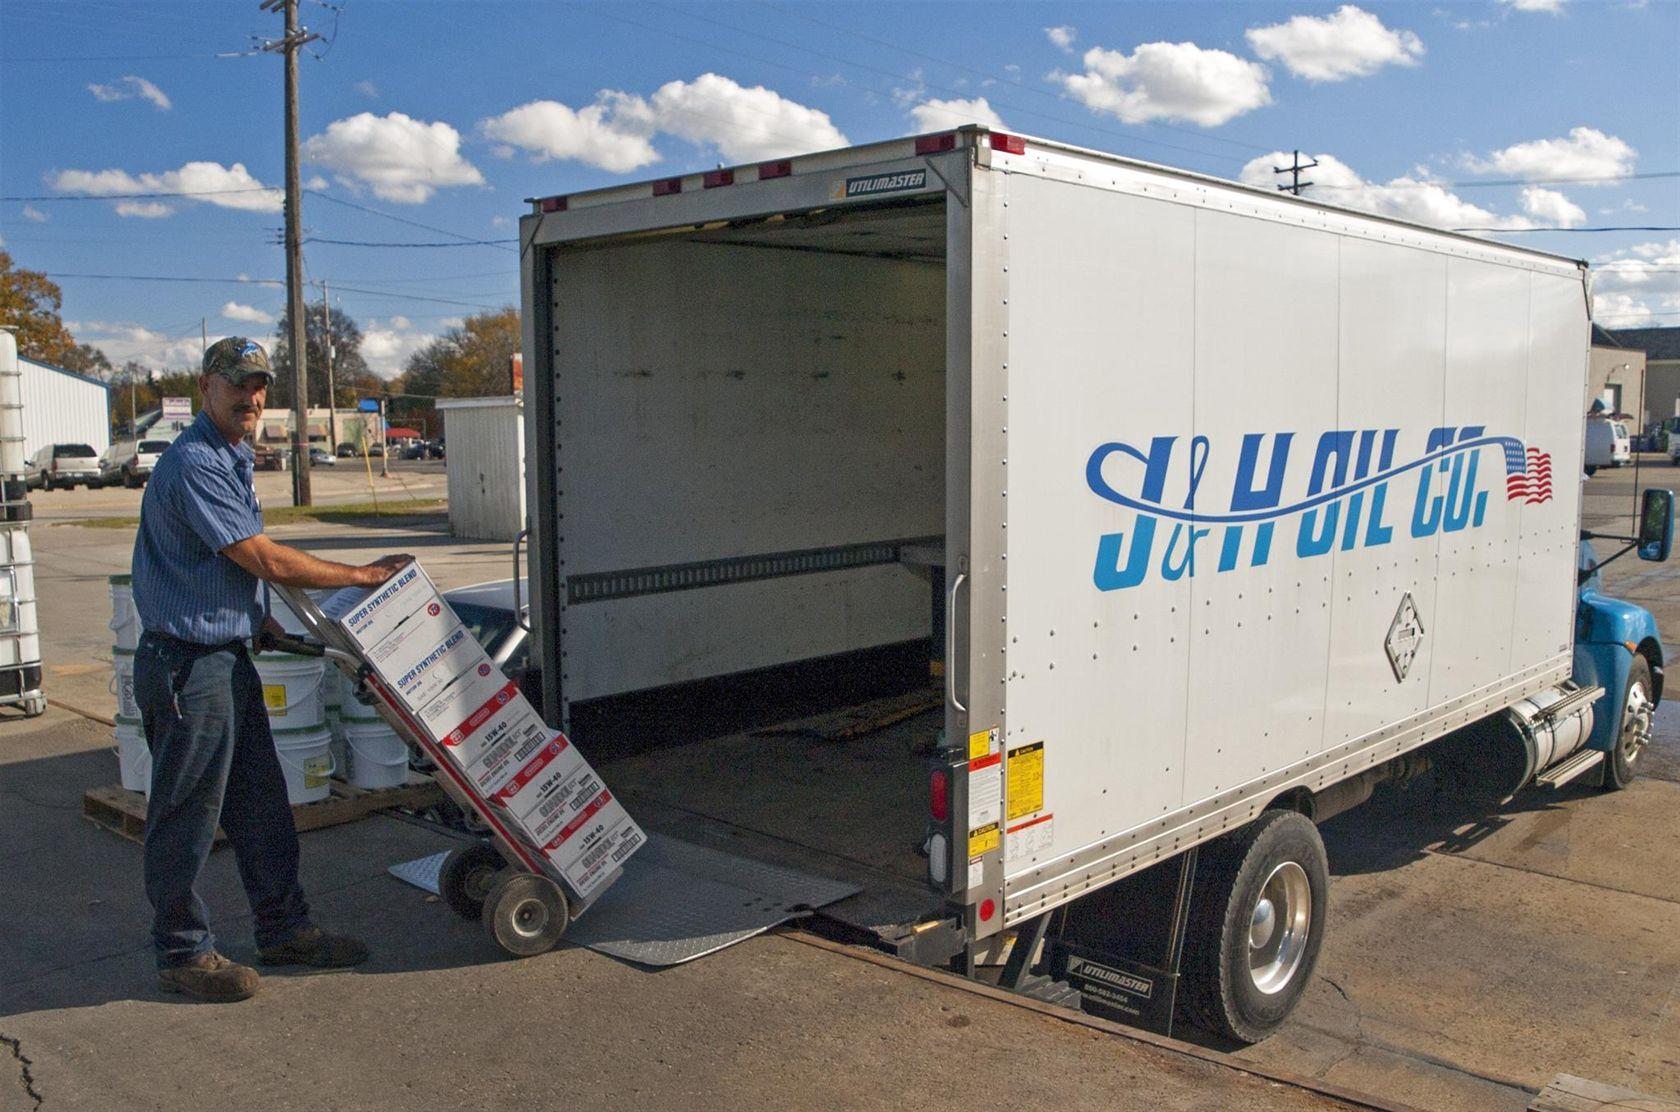 J & H Oil Co. Joe loading Lubricants